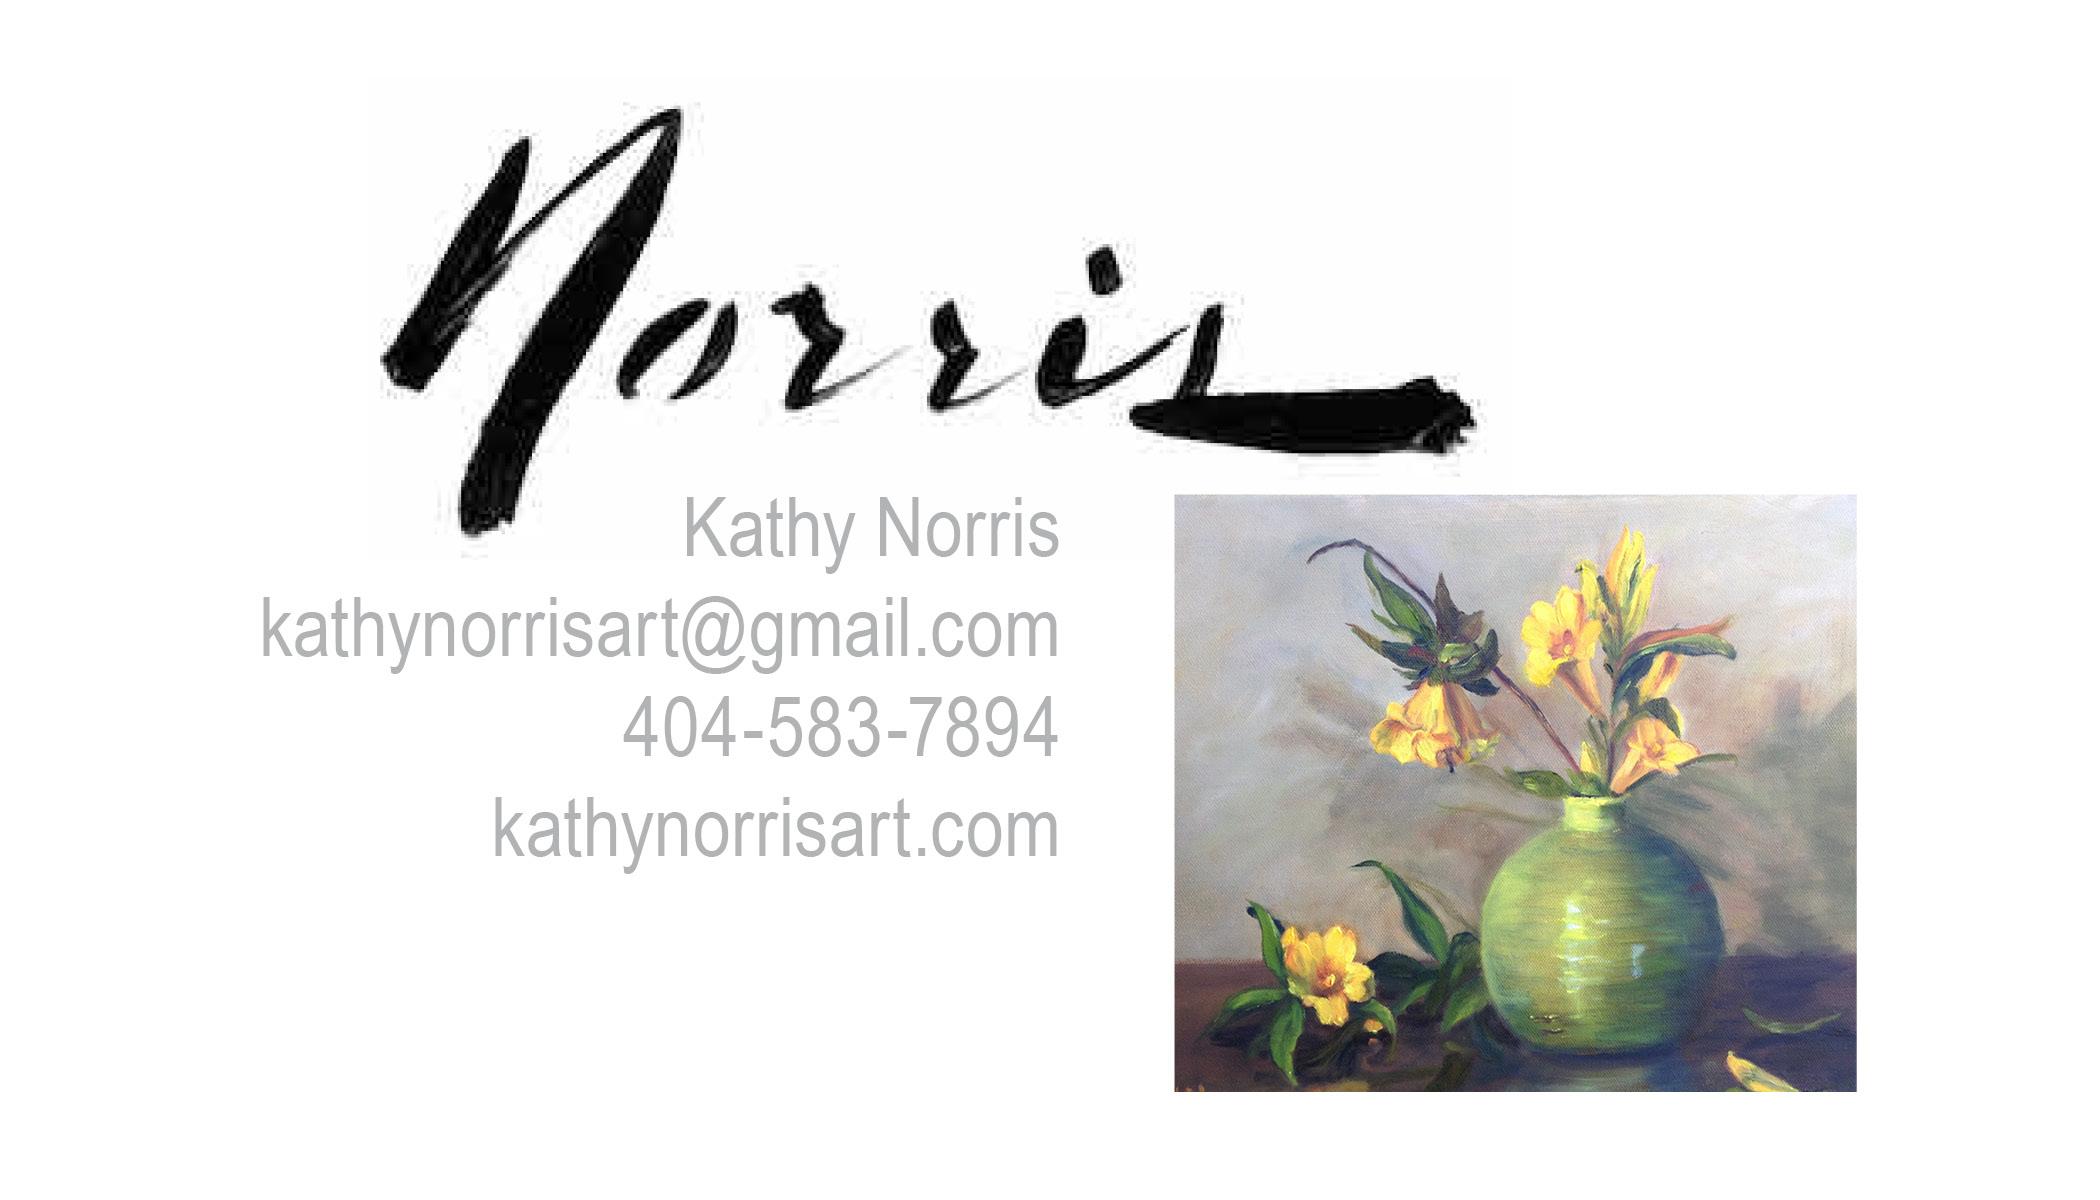 KathyNorrisBizCard 3.5x2.jpg